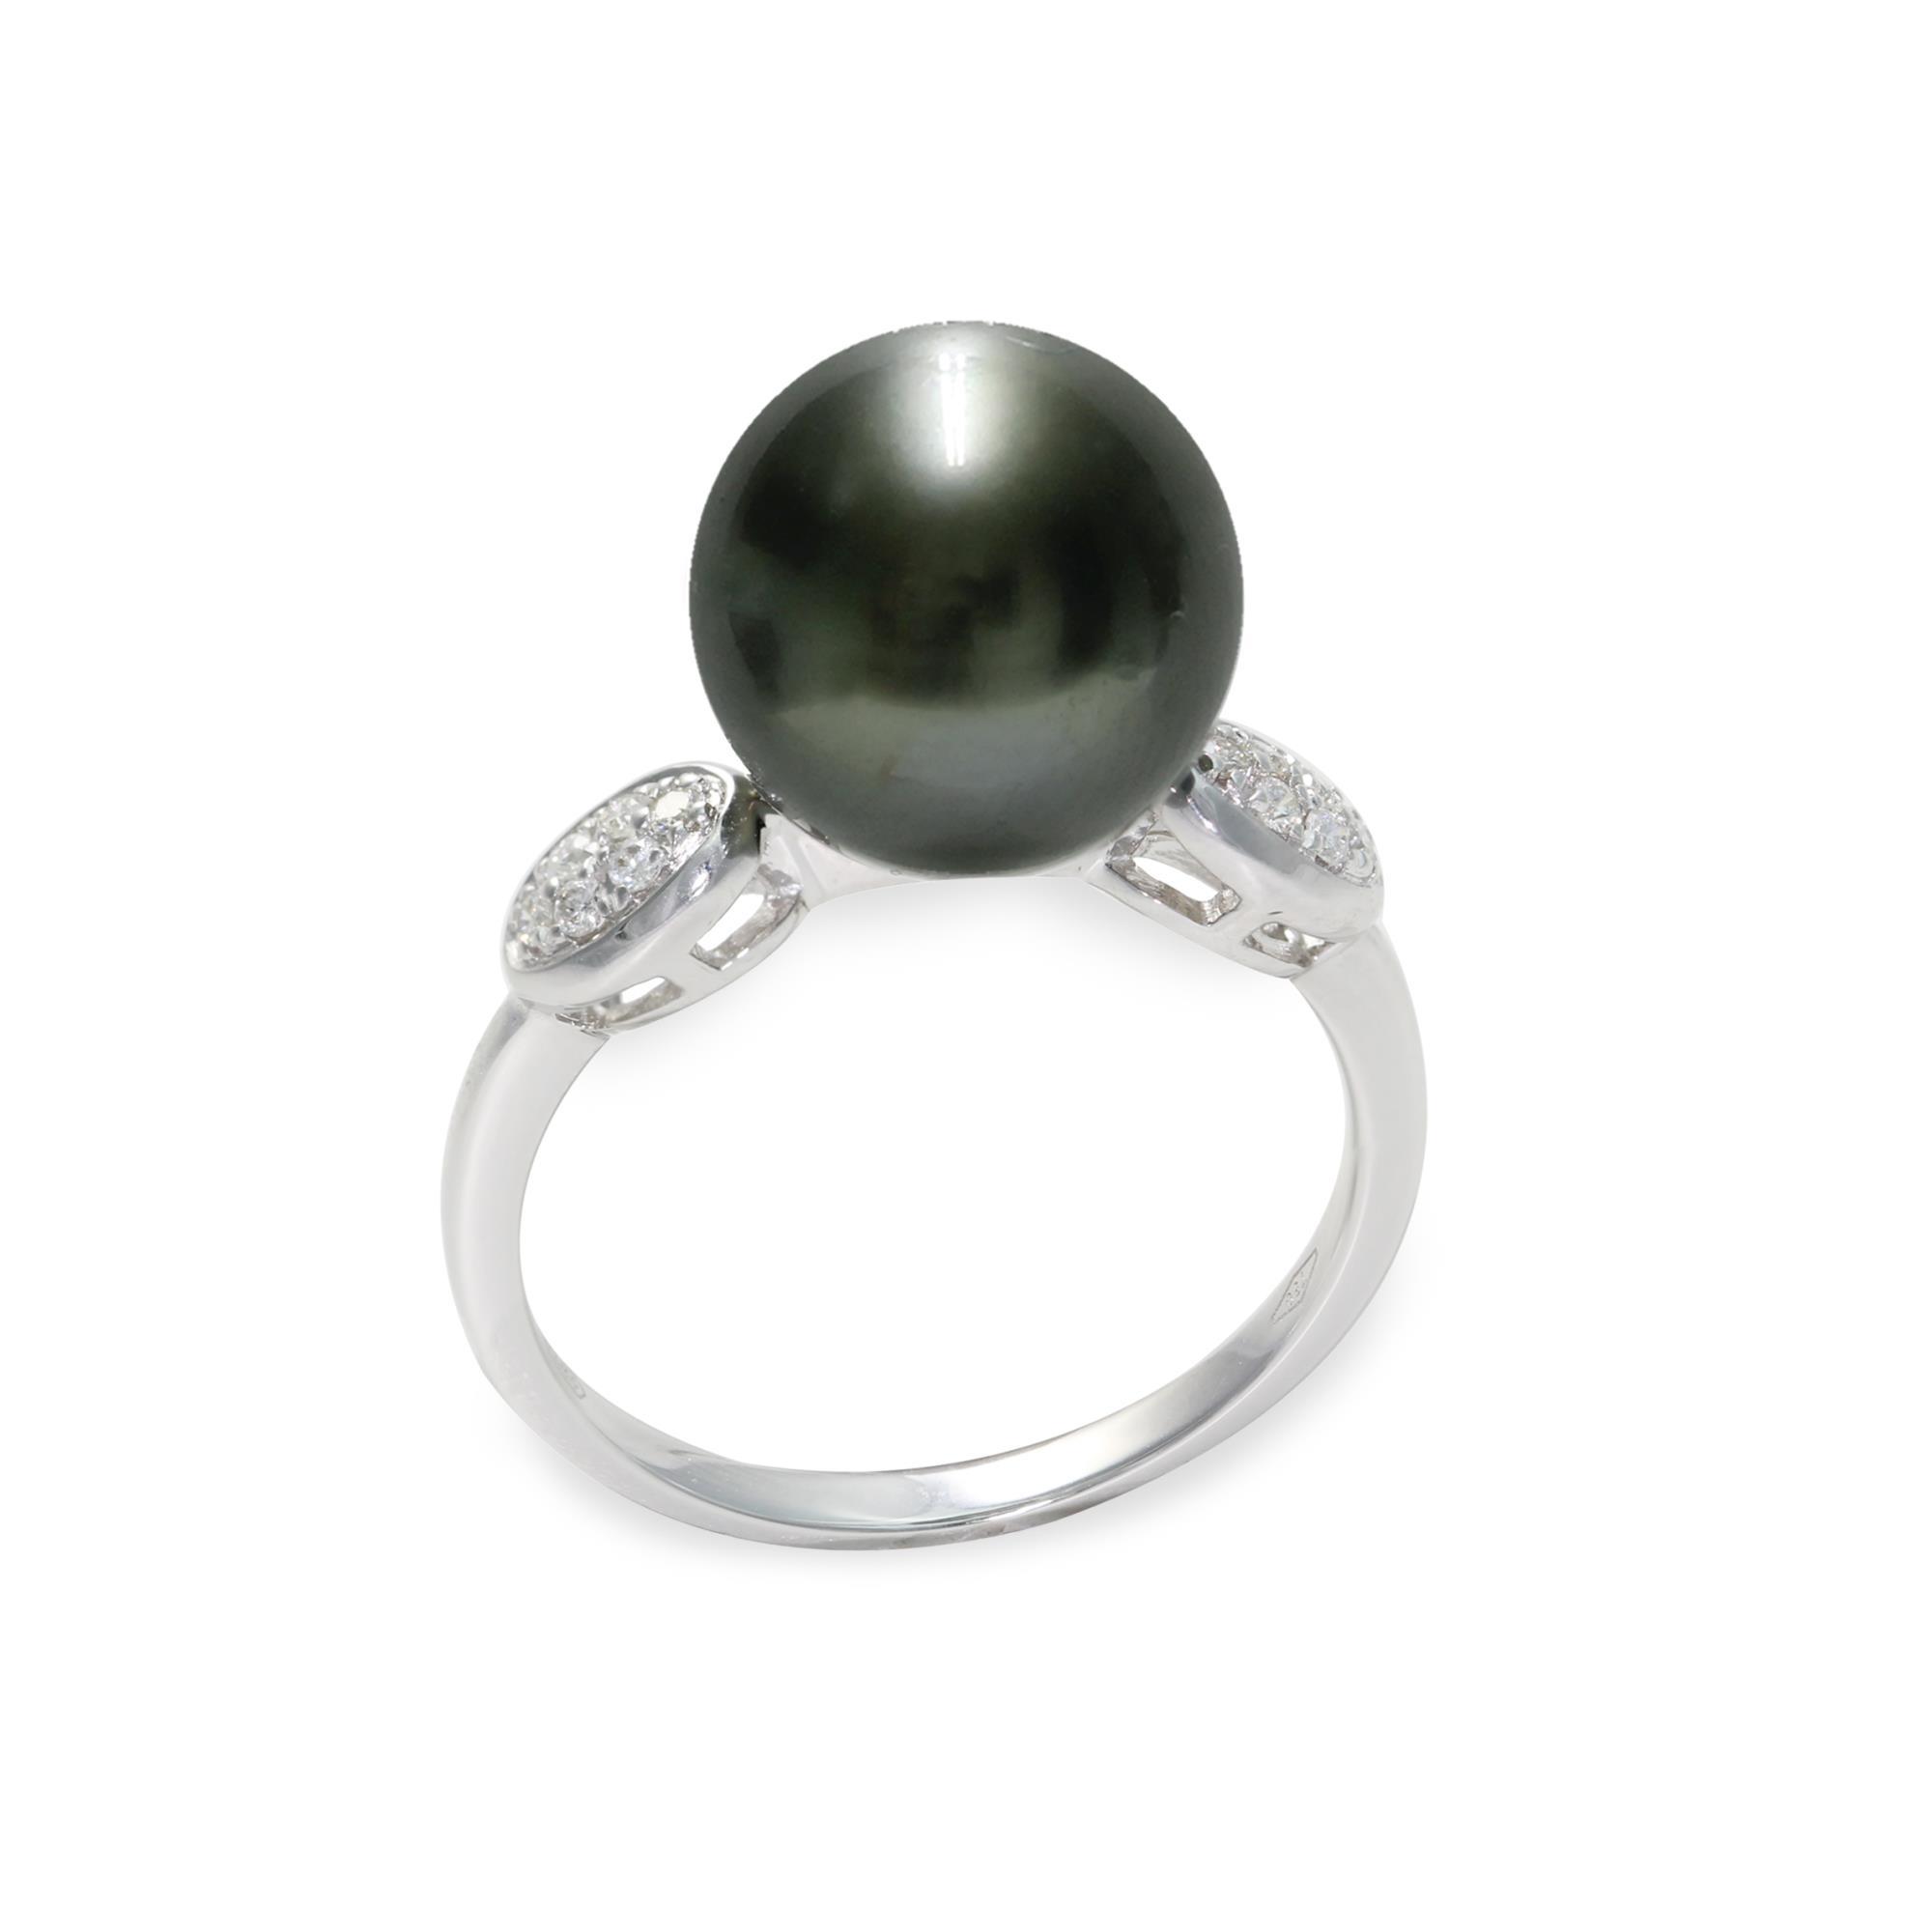 Anello con diamanti e perla tahitiana - MAYUMI